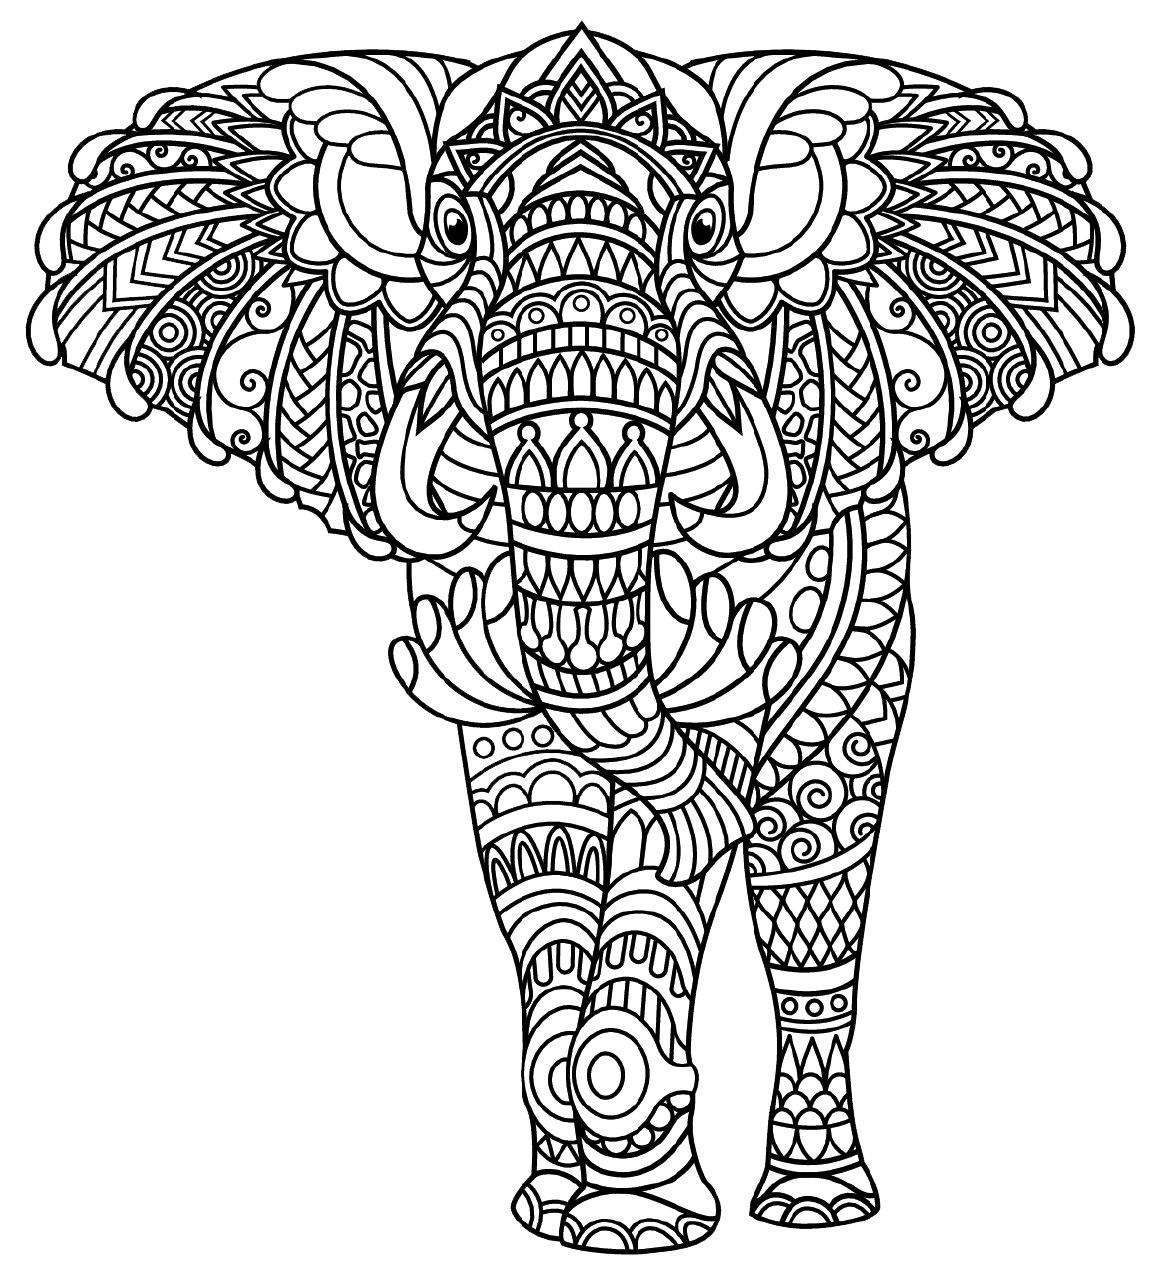 [COMPETIZIONE] Evento Preistoria: Colora il Mammut! Index_11